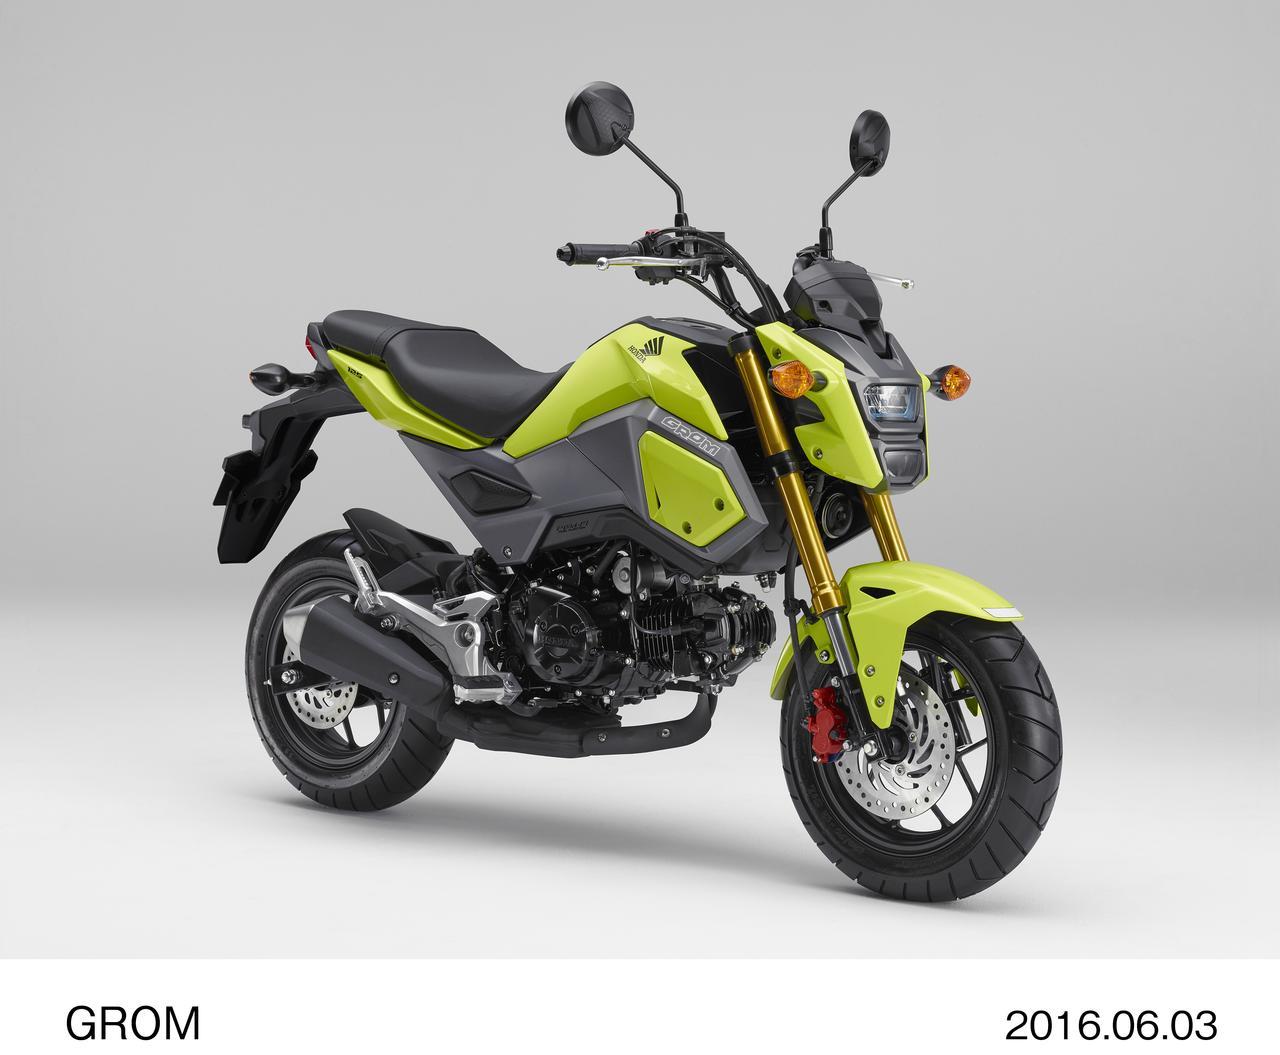 画像: Honda GROM 最高出力:9.8PS/7000rpm 最大トルク:1.1kg-m/5250rpm 価格:34万5600円